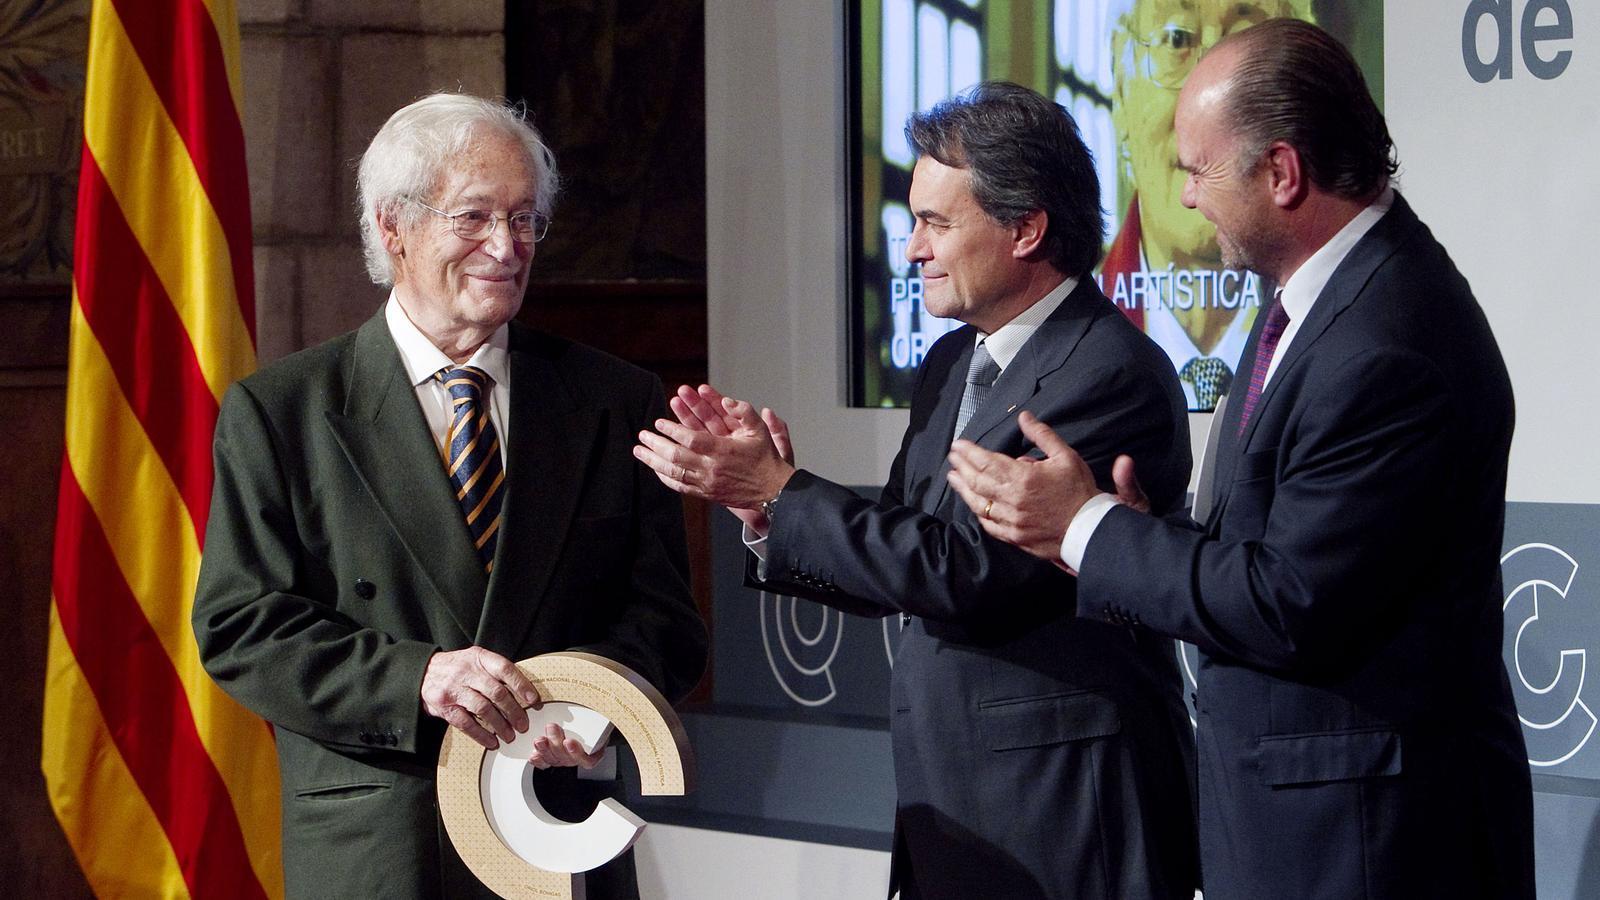 Oriol Bohigas va rebre el premi a la trajectòria artística i professional de mans d'Artur Mas i Francesc Guardans. / PERE VIRGILI